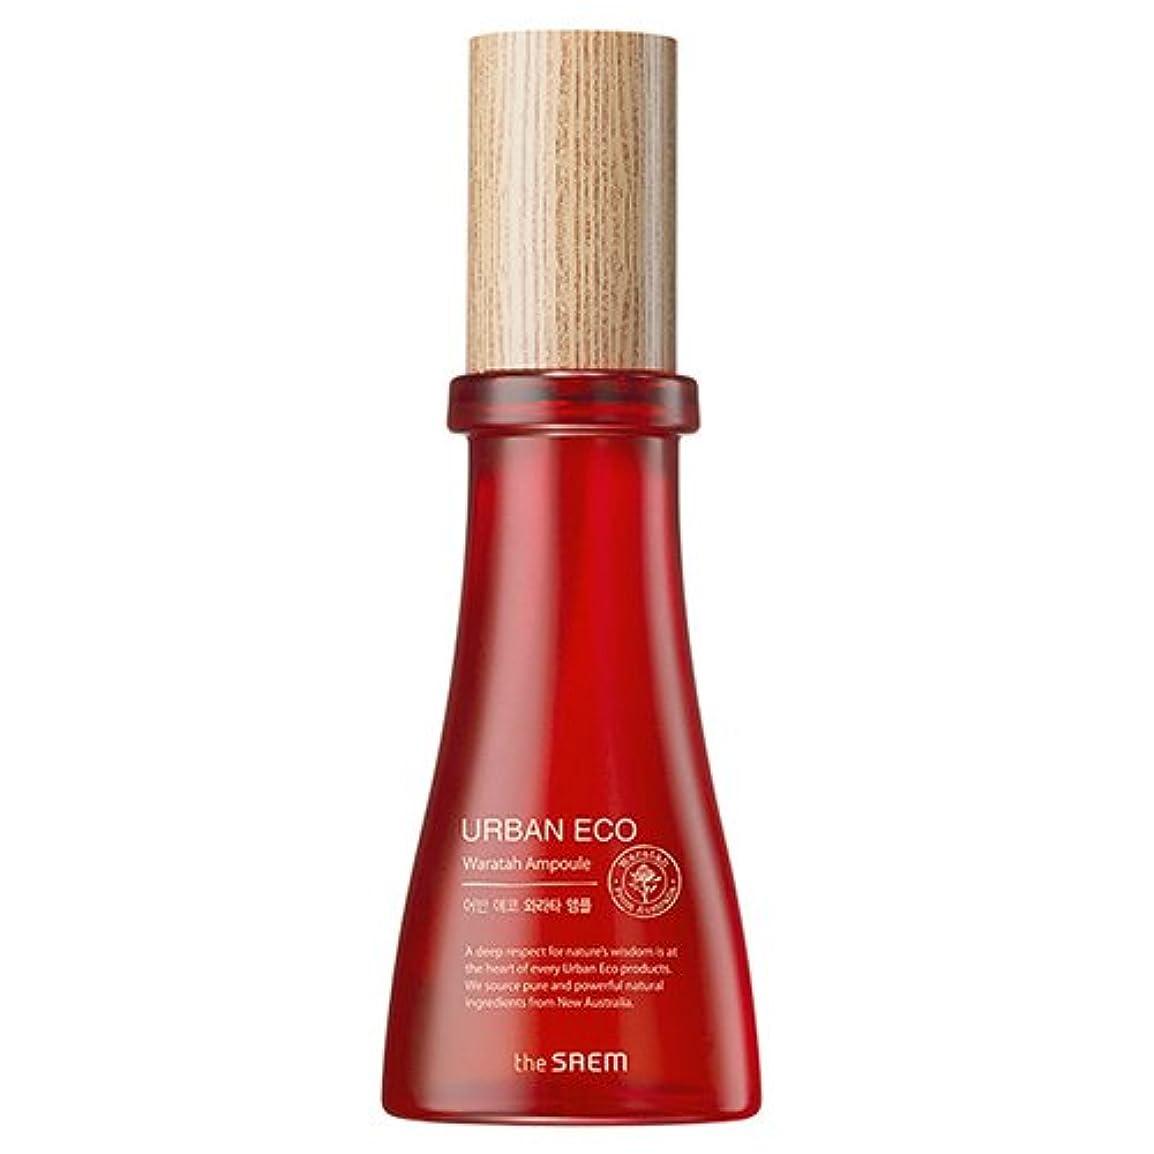 着飾る進化美しいドセム アーバンエコワラターアンプル55ml Urban Eco Waratah Ampoule [並行輸入品]